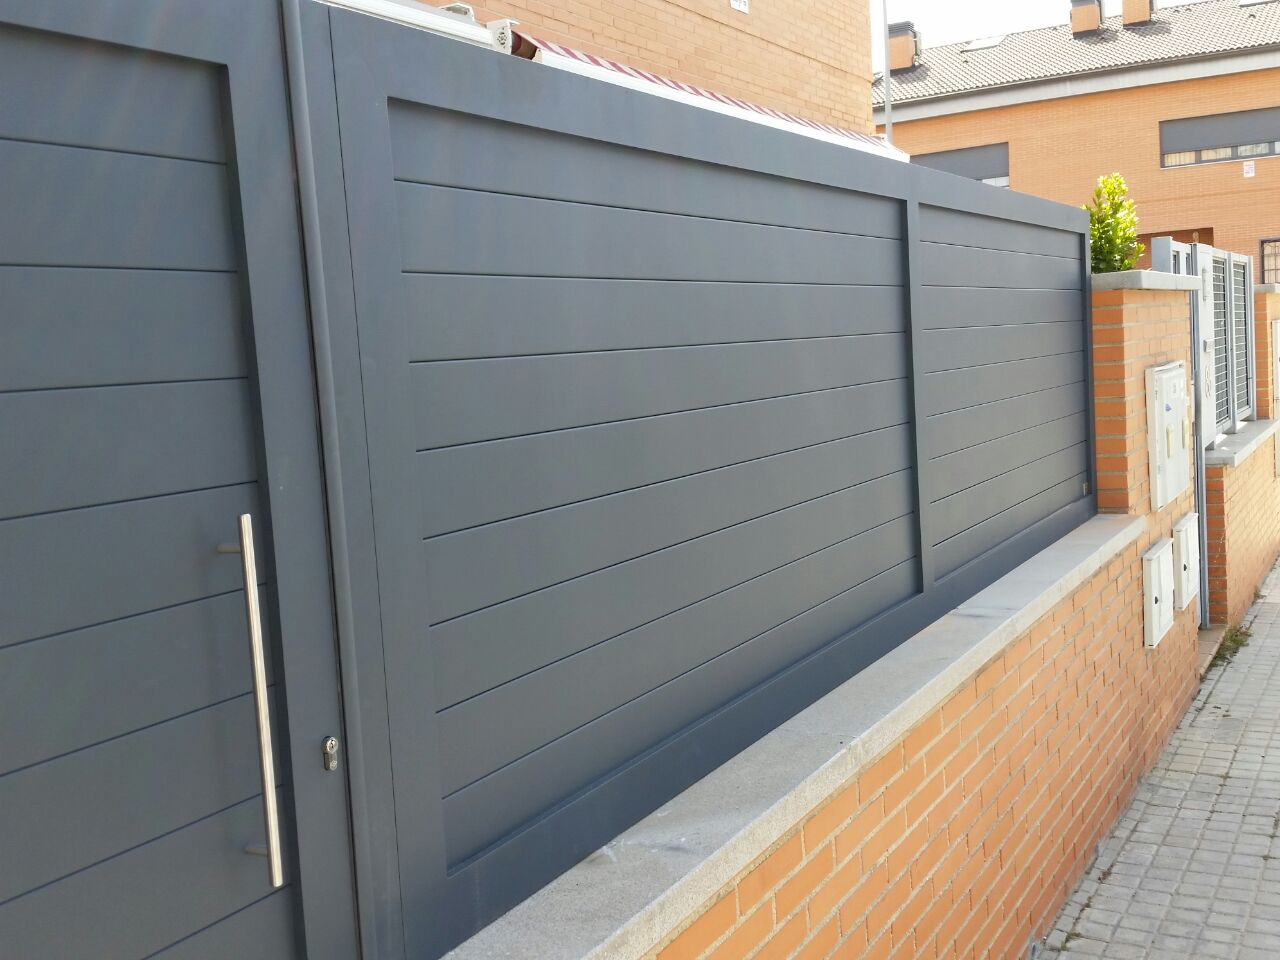 Puertas de aluminio soldado y vallas grupo marver for Vallas de aluminio para jardin